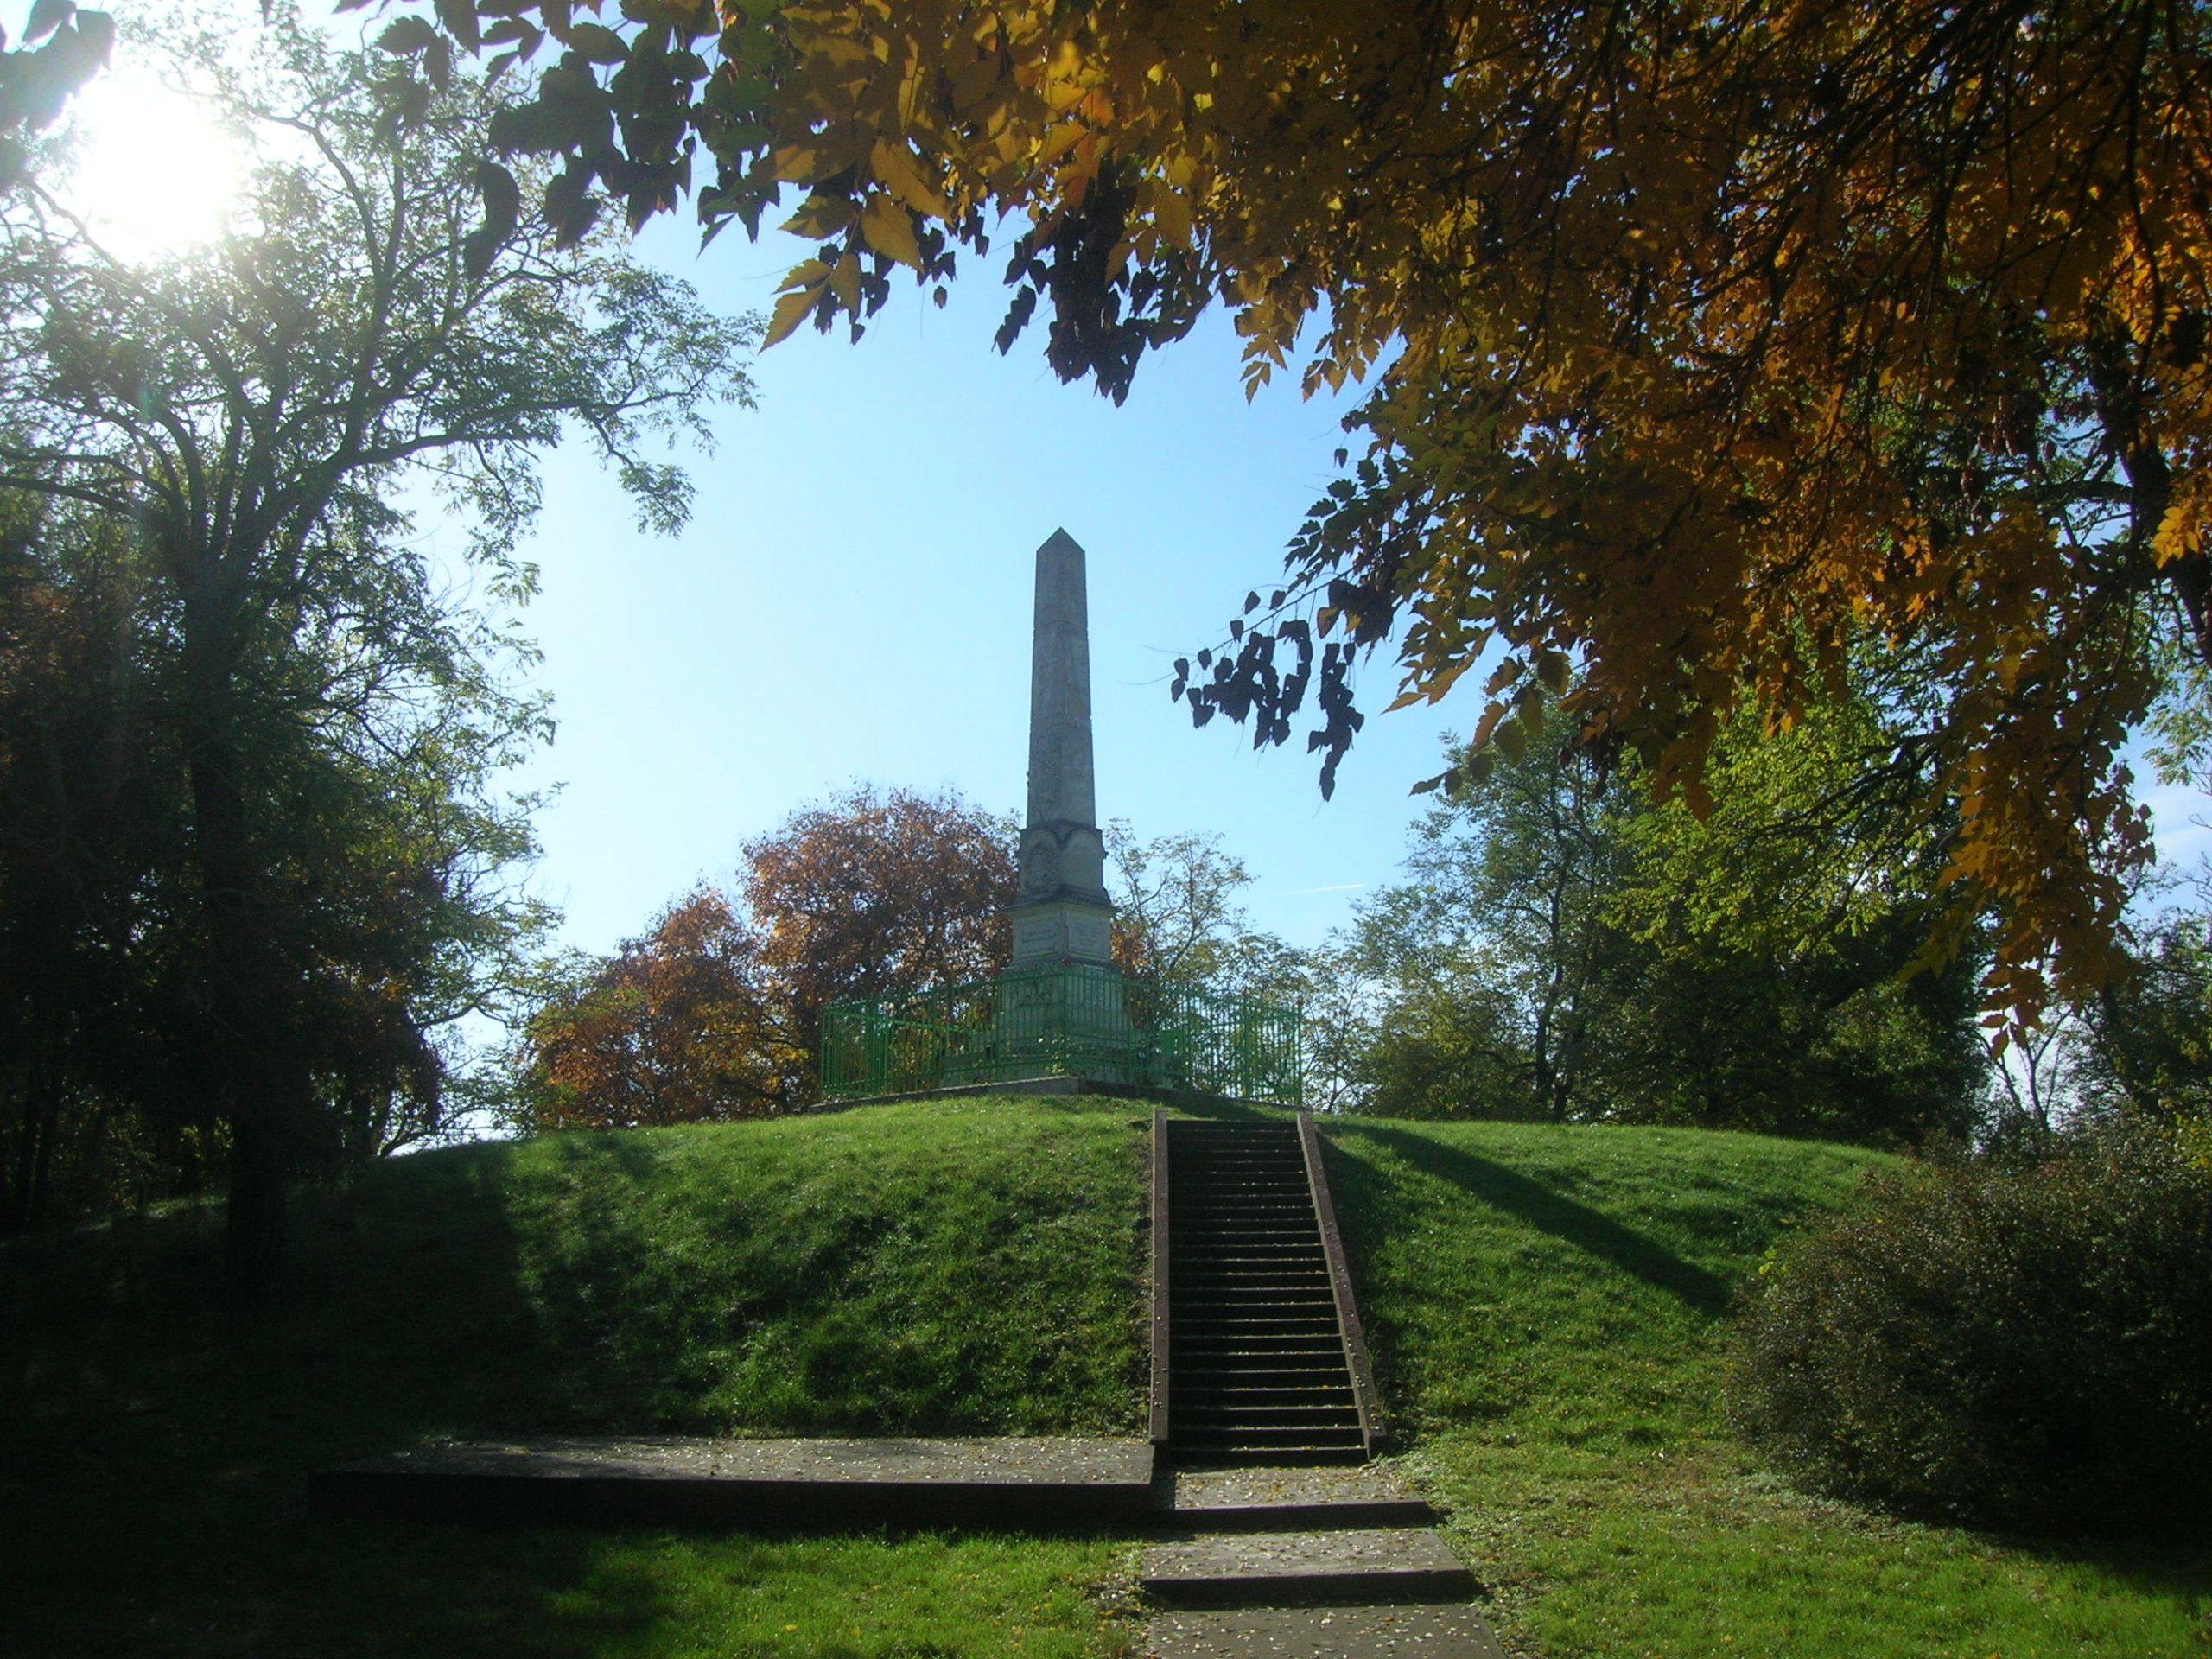 Őszi tájkép kép